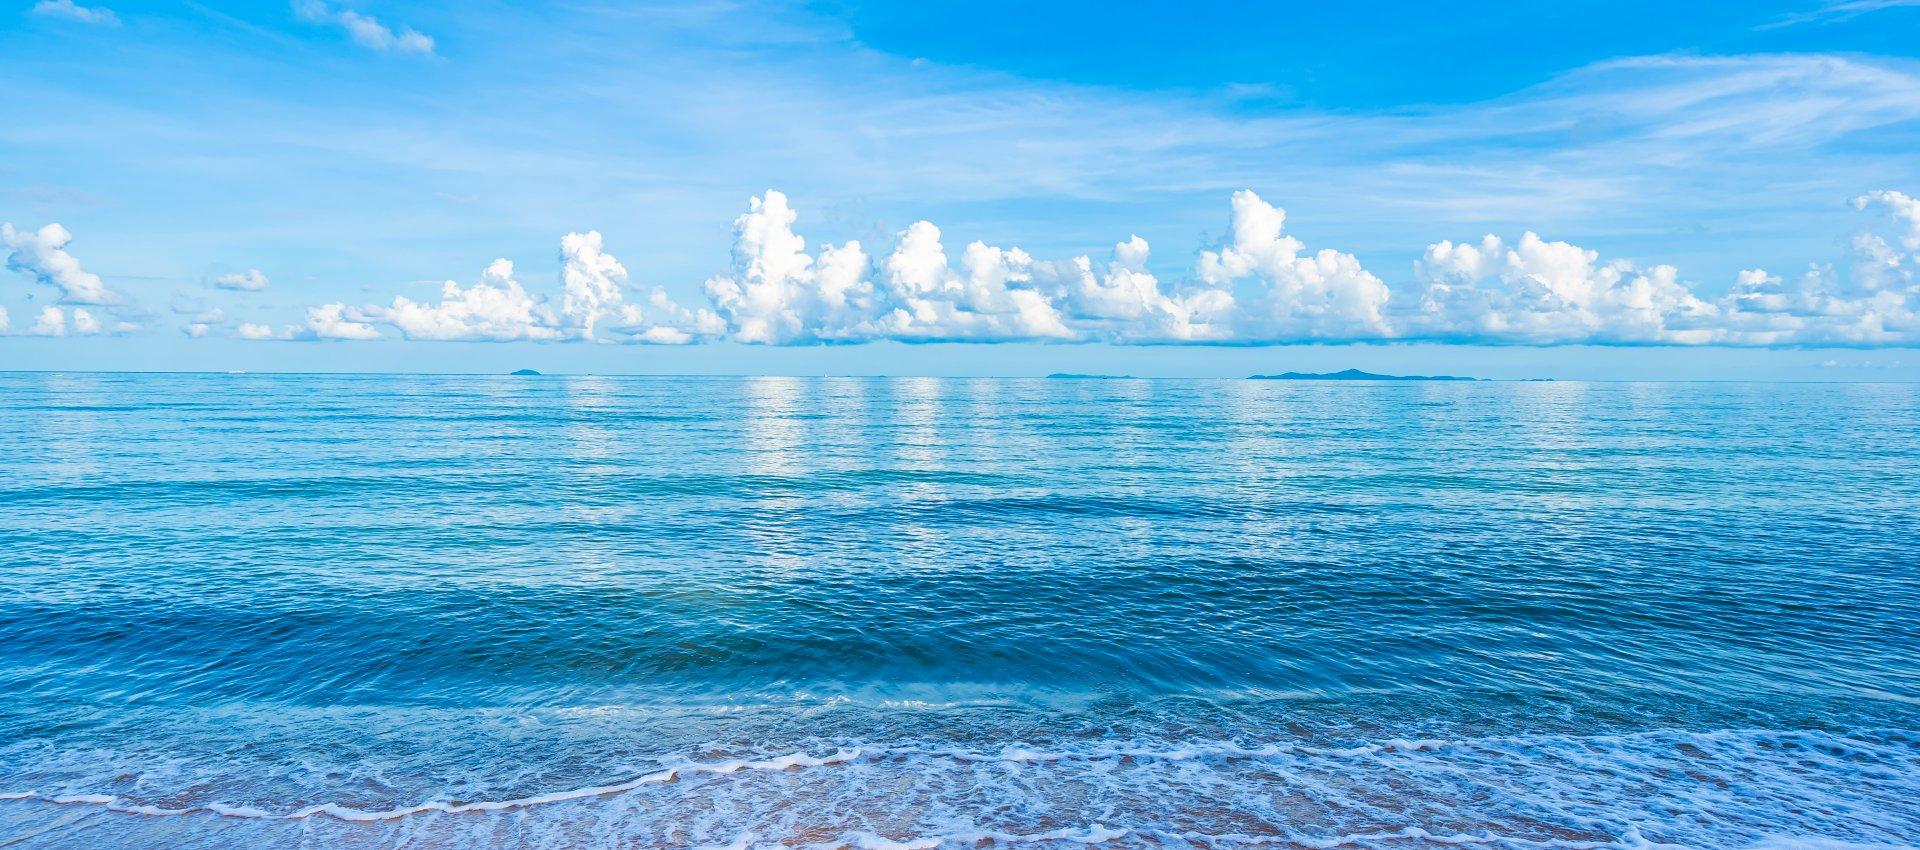 на северном кипре царит мир во всех оттенках синего